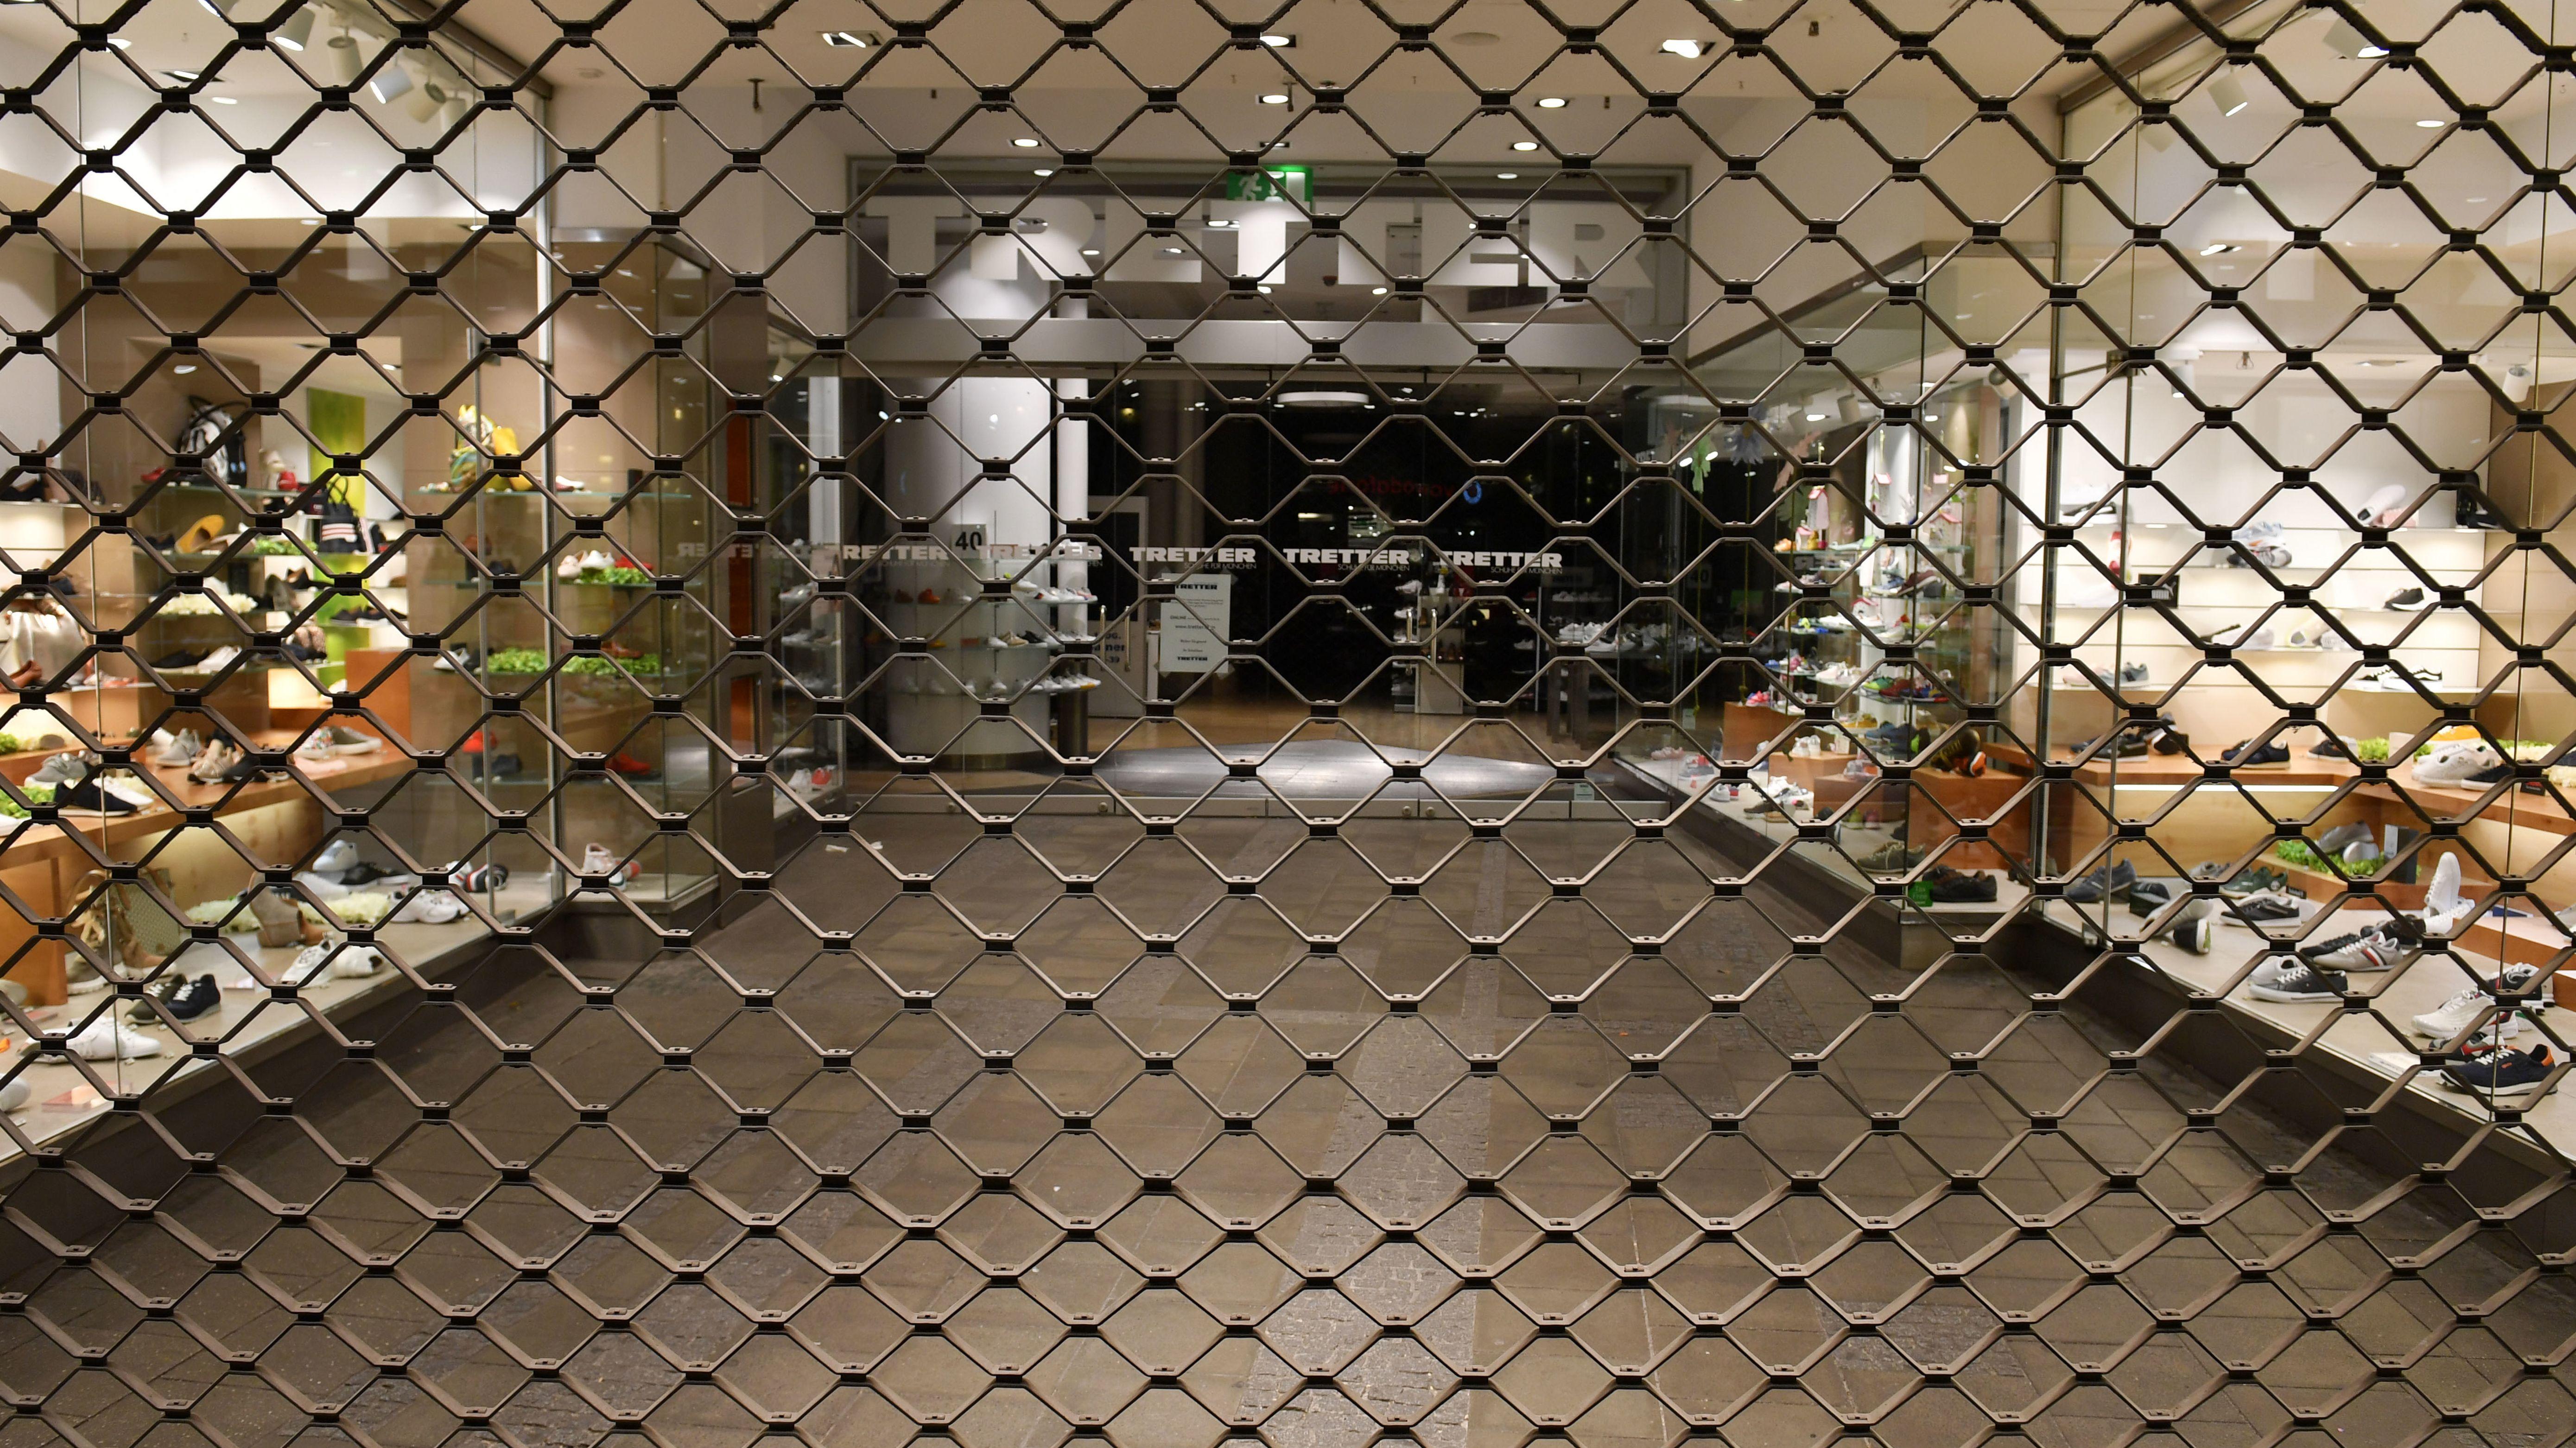 Vor einem Schuhgeschäft ist das Gitter heruntergelassen.